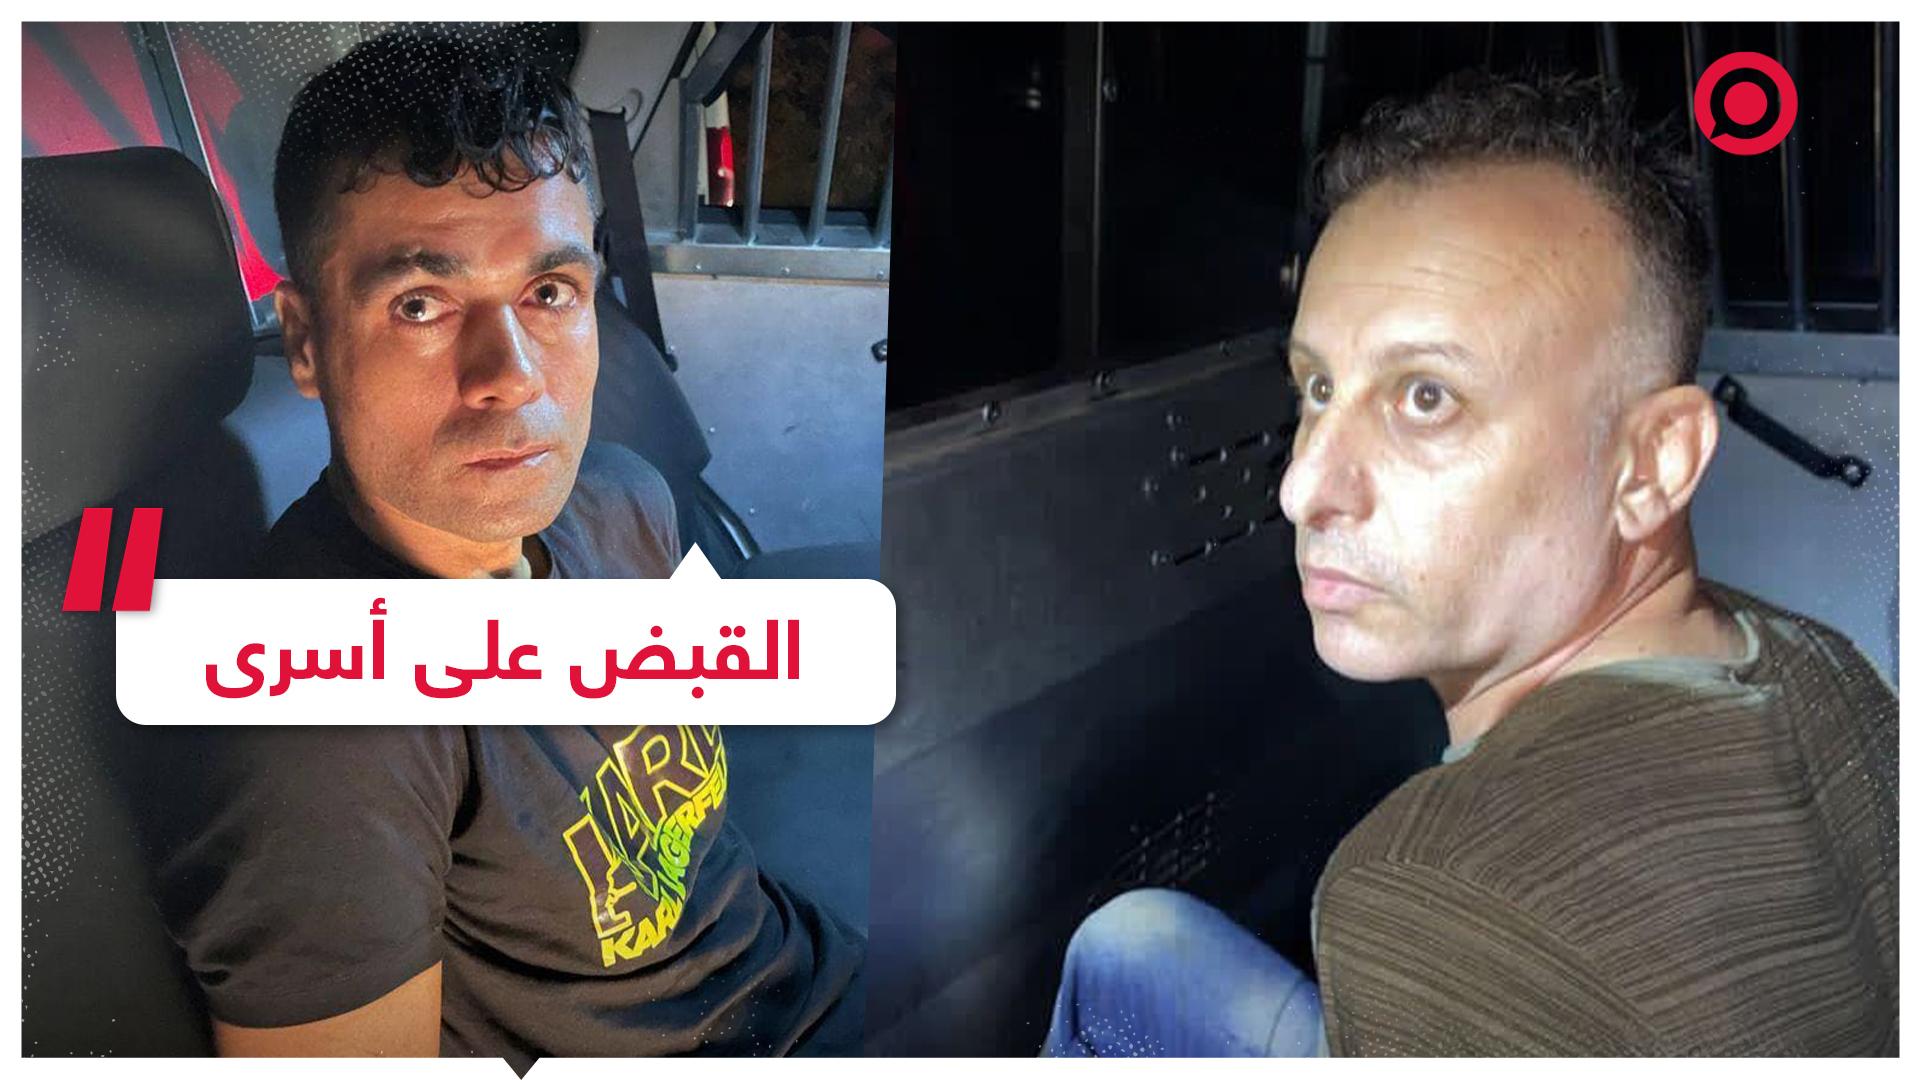 القبض على الأسيرين الفارين من سجن جلبوع